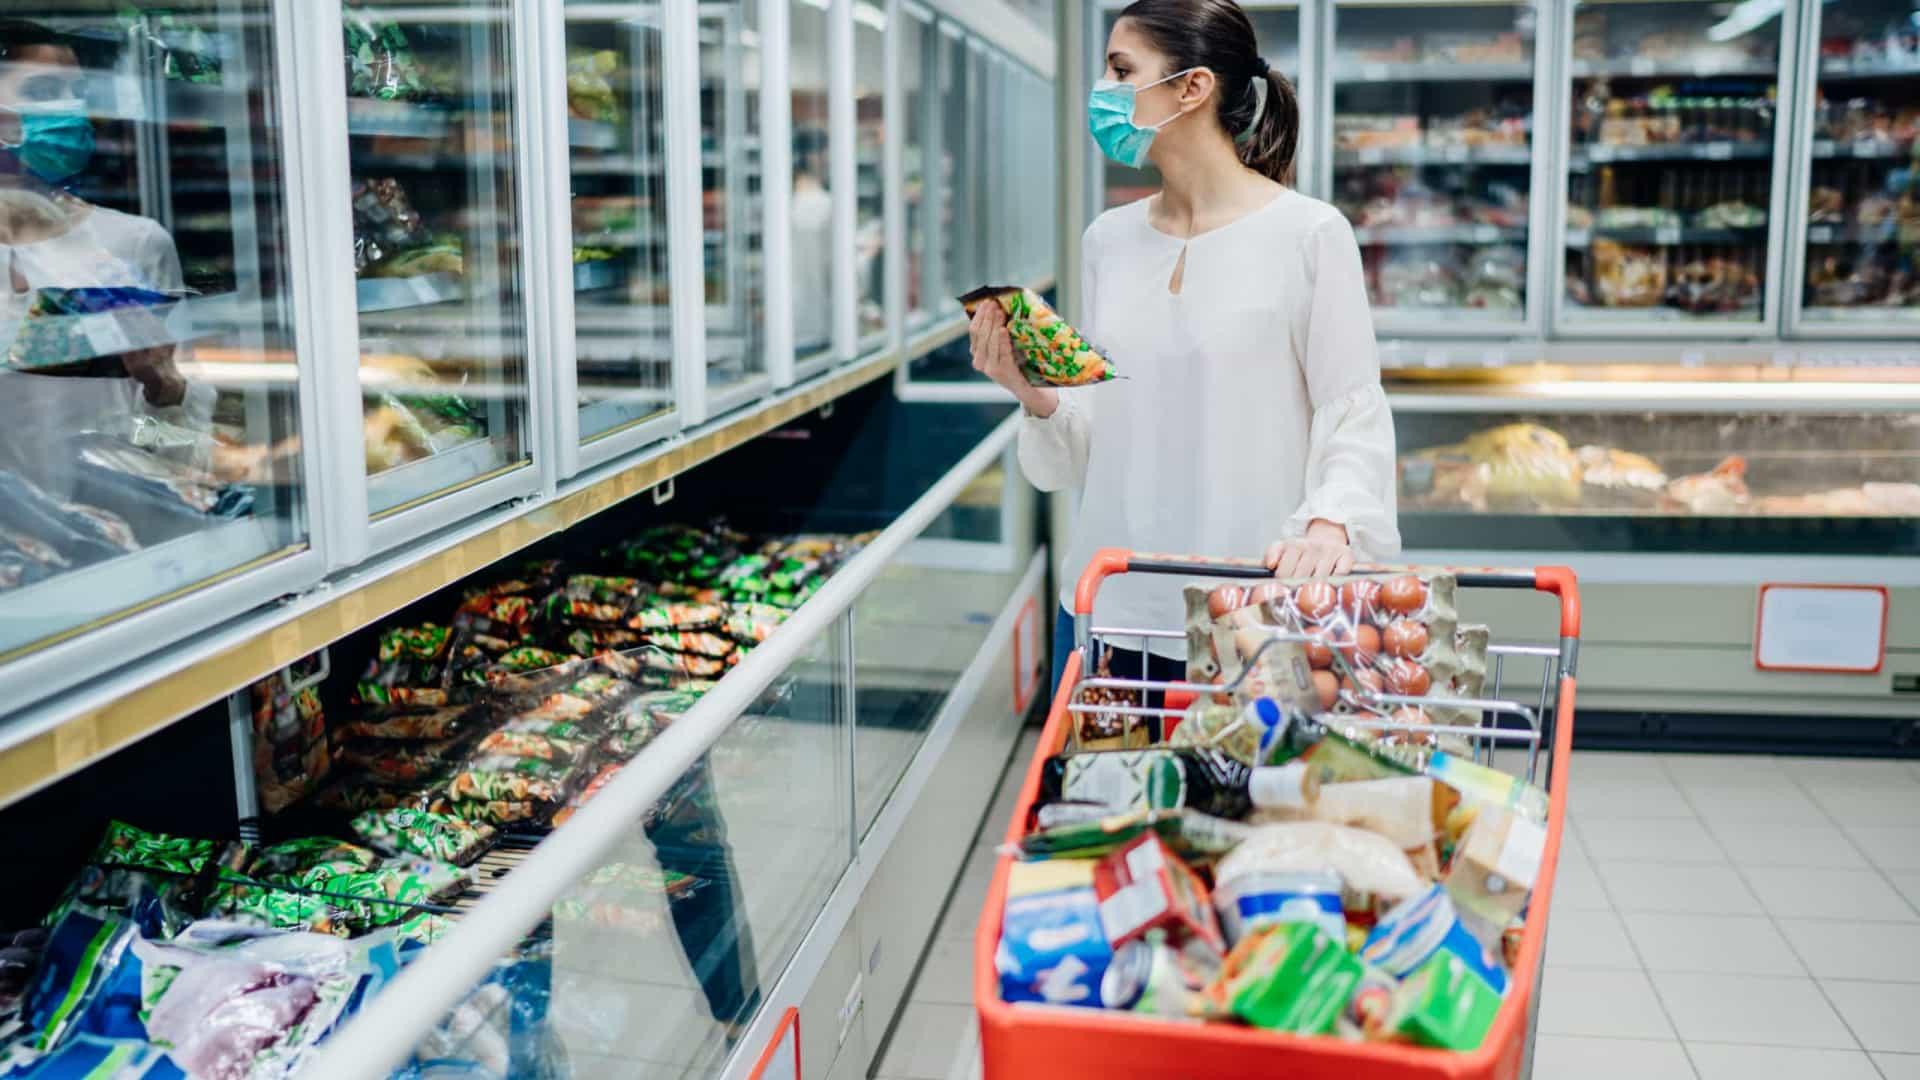 Descubra porque você não deve comprar esses 7 alimentos em supermercados